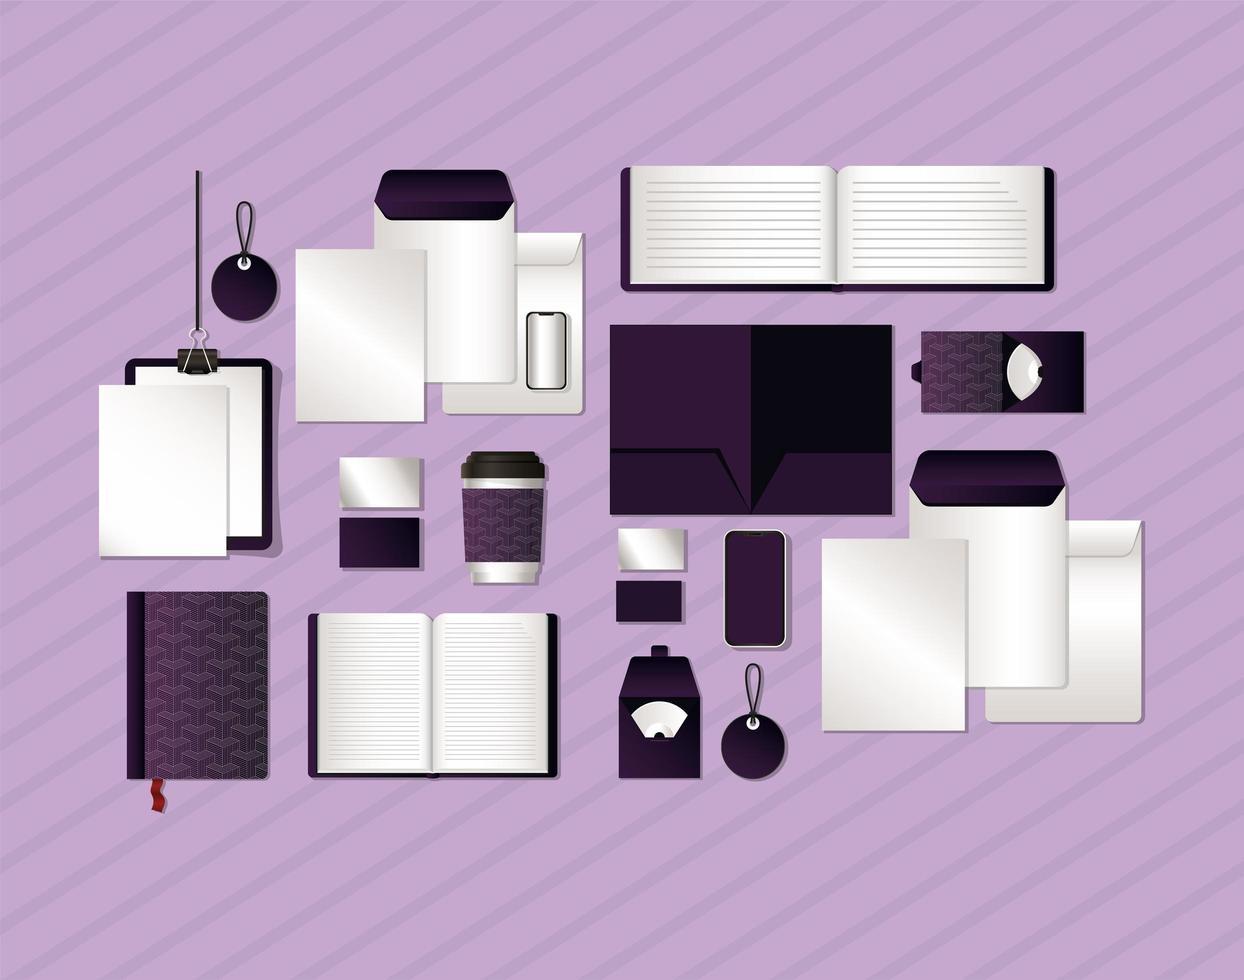 maquette avec des motifs de marque violet foncé vecteur